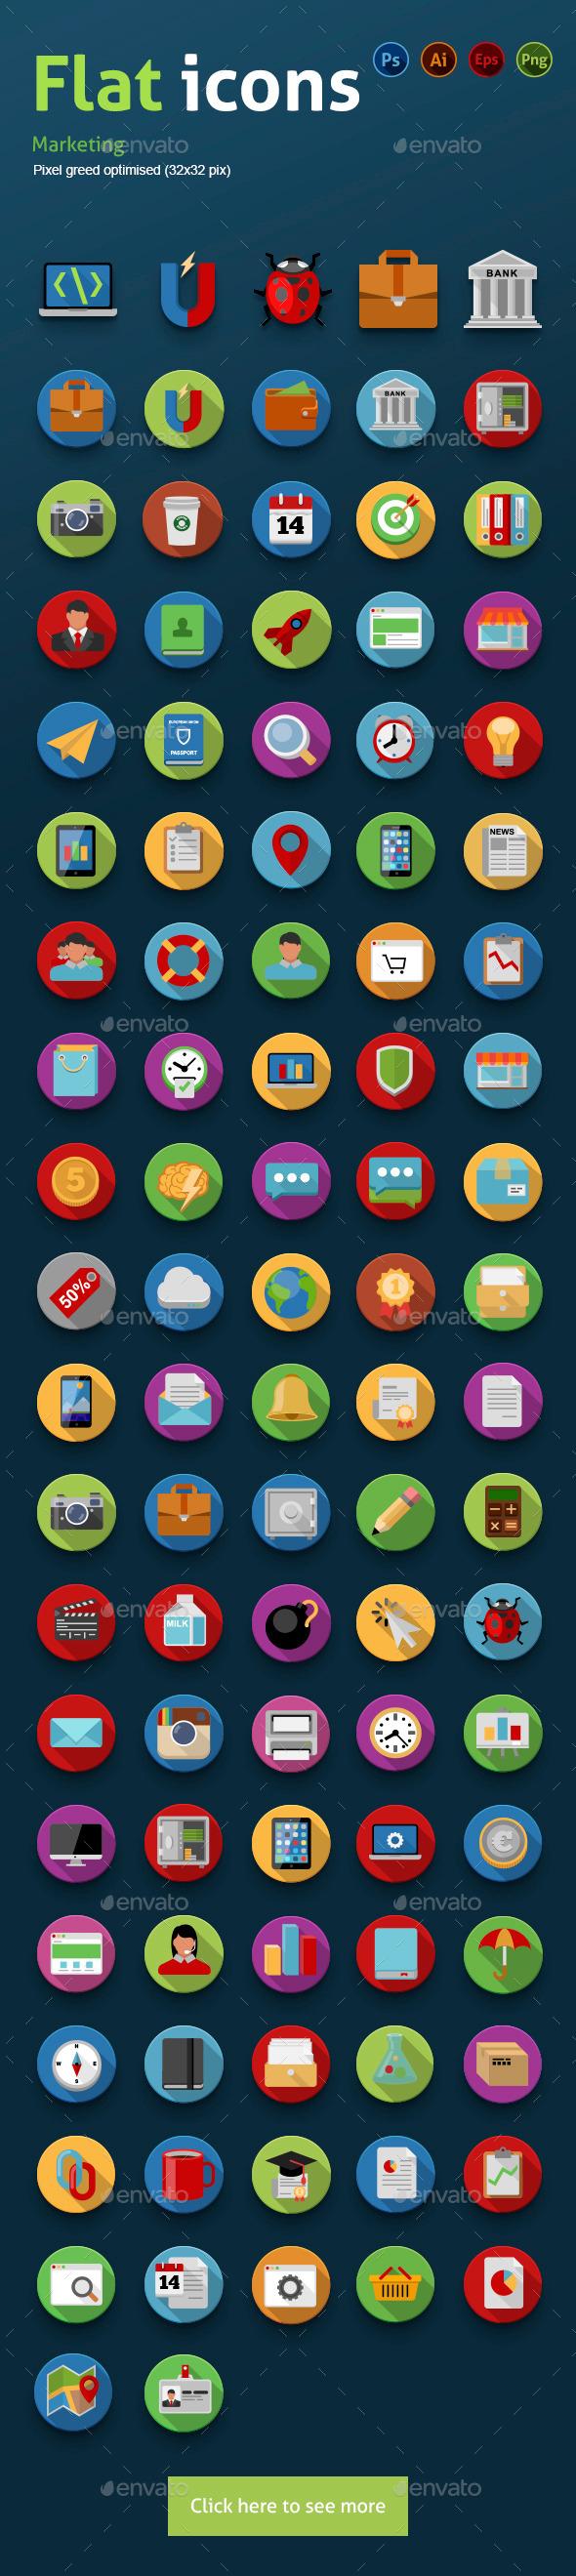 Flat Icons Marketing - Media Icons